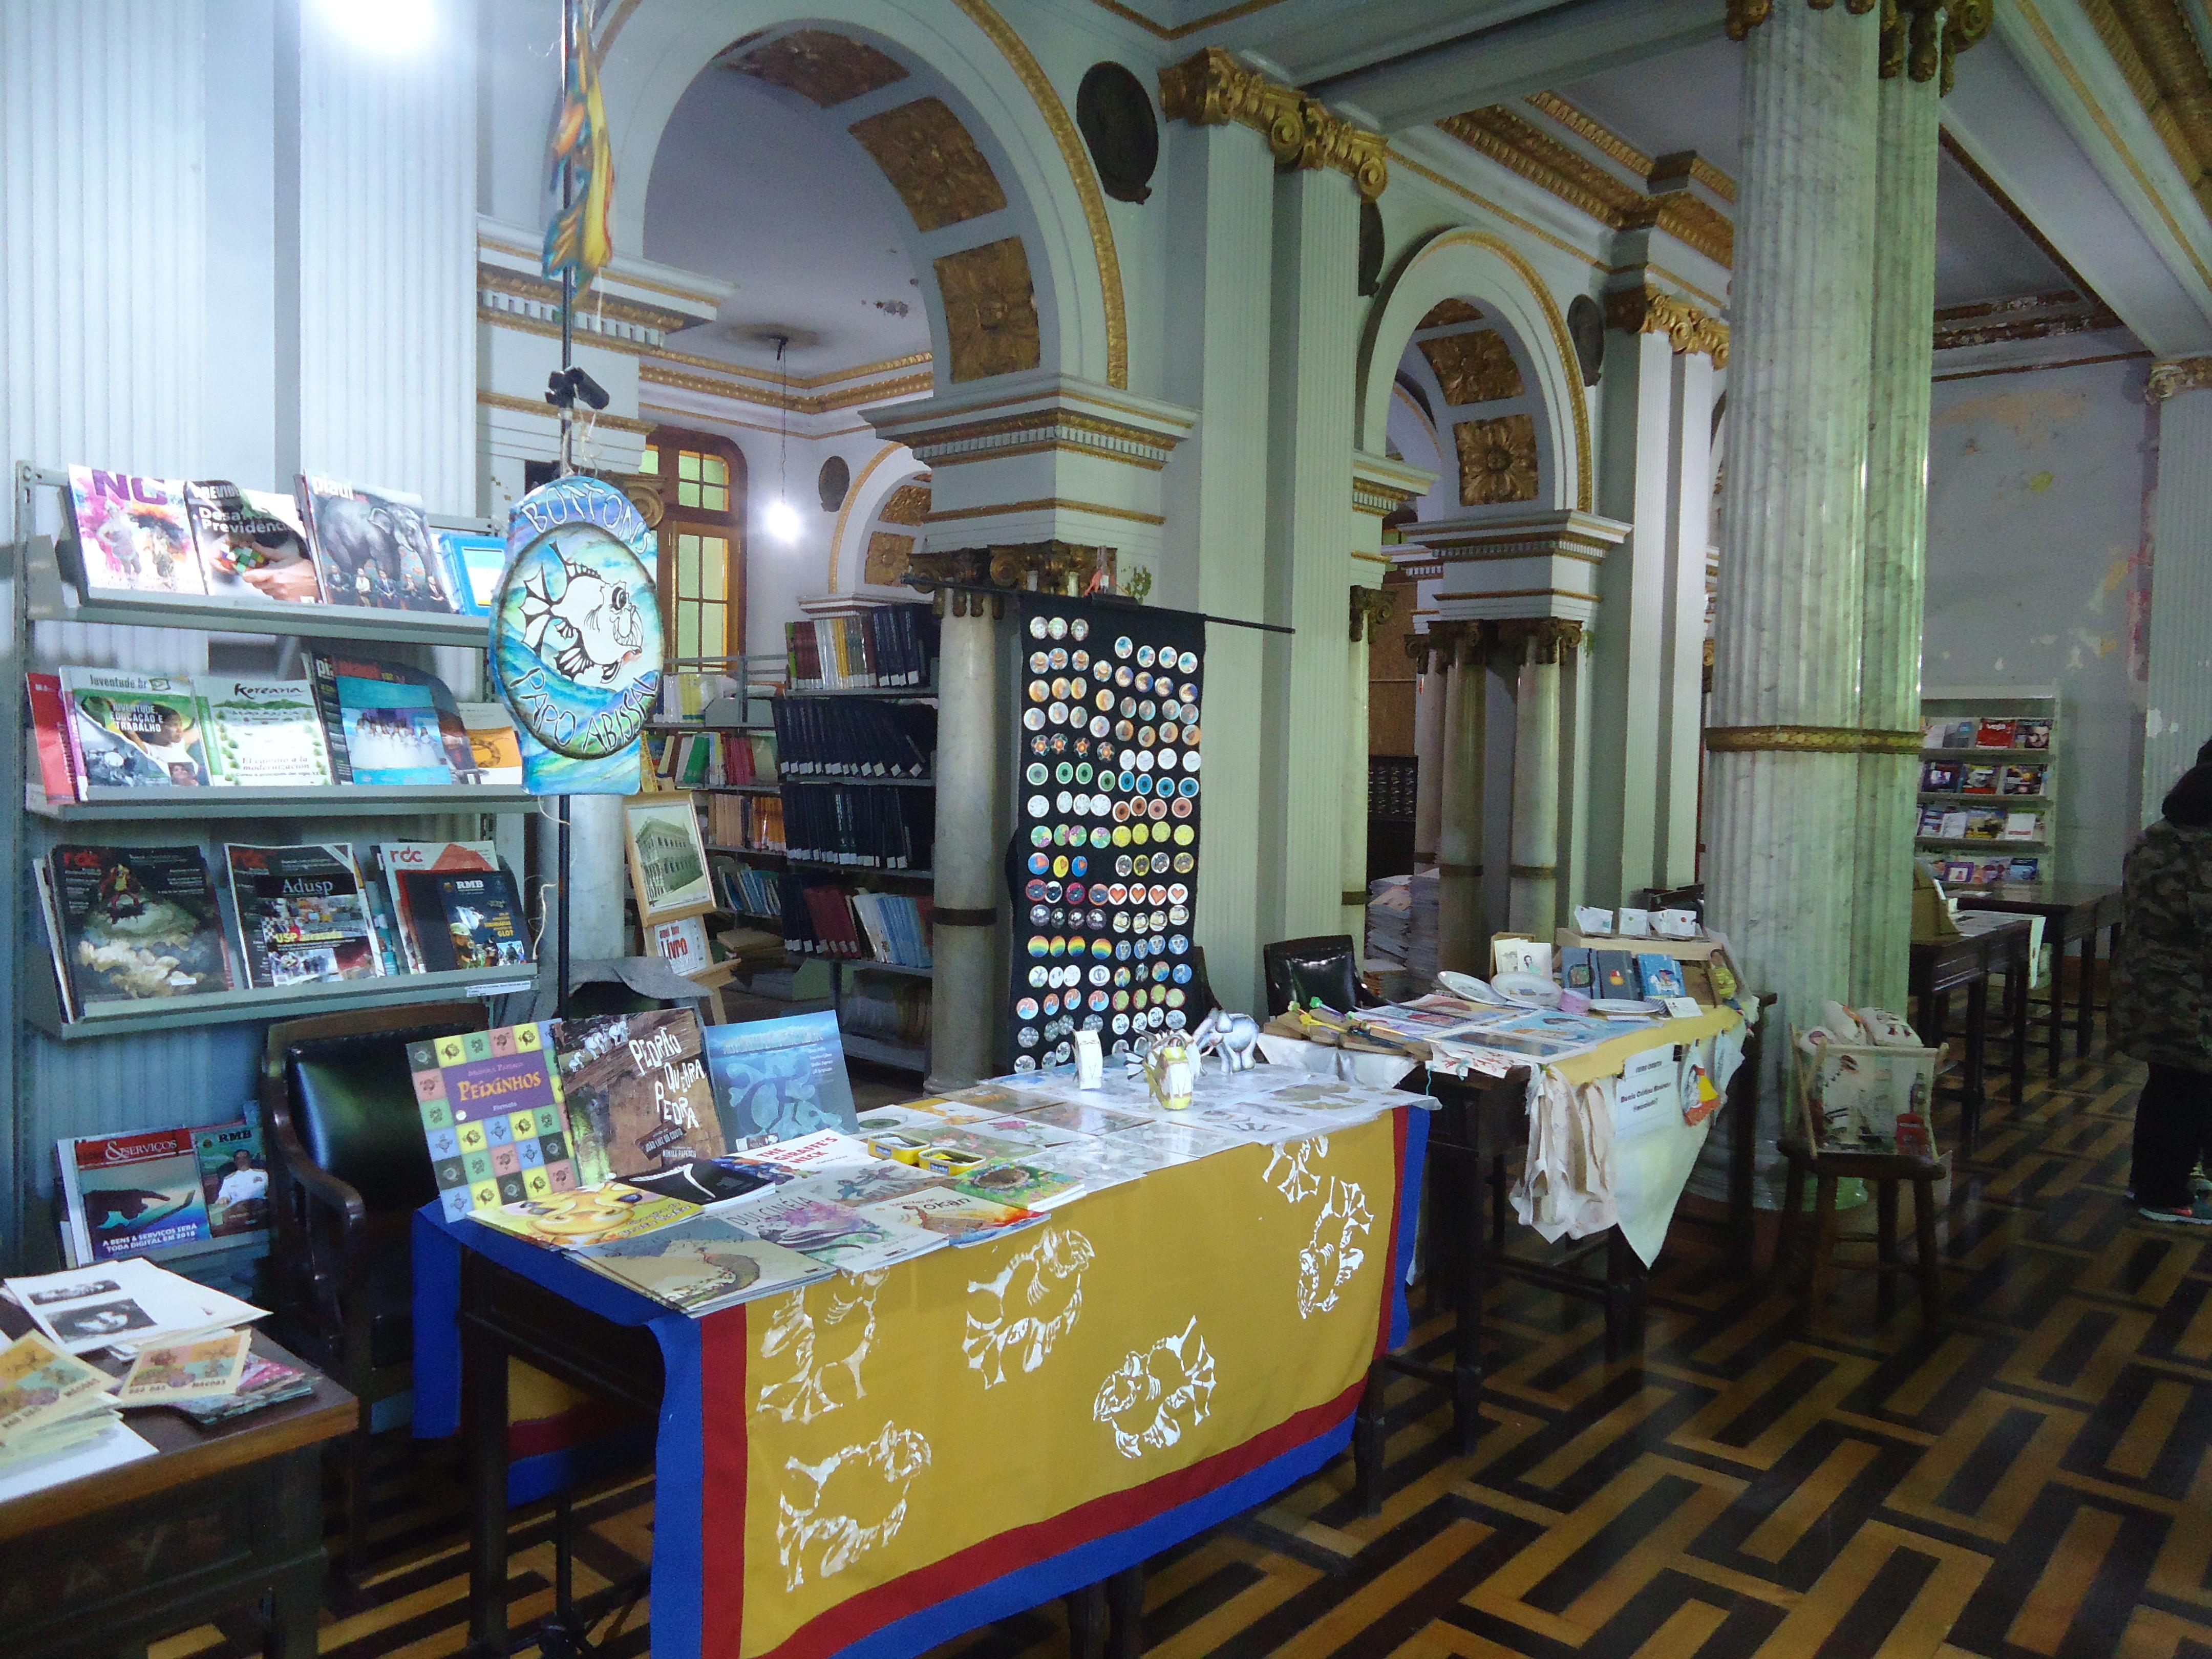 FEira_Gráfica_òrbita_na_Biblioteca_Estad